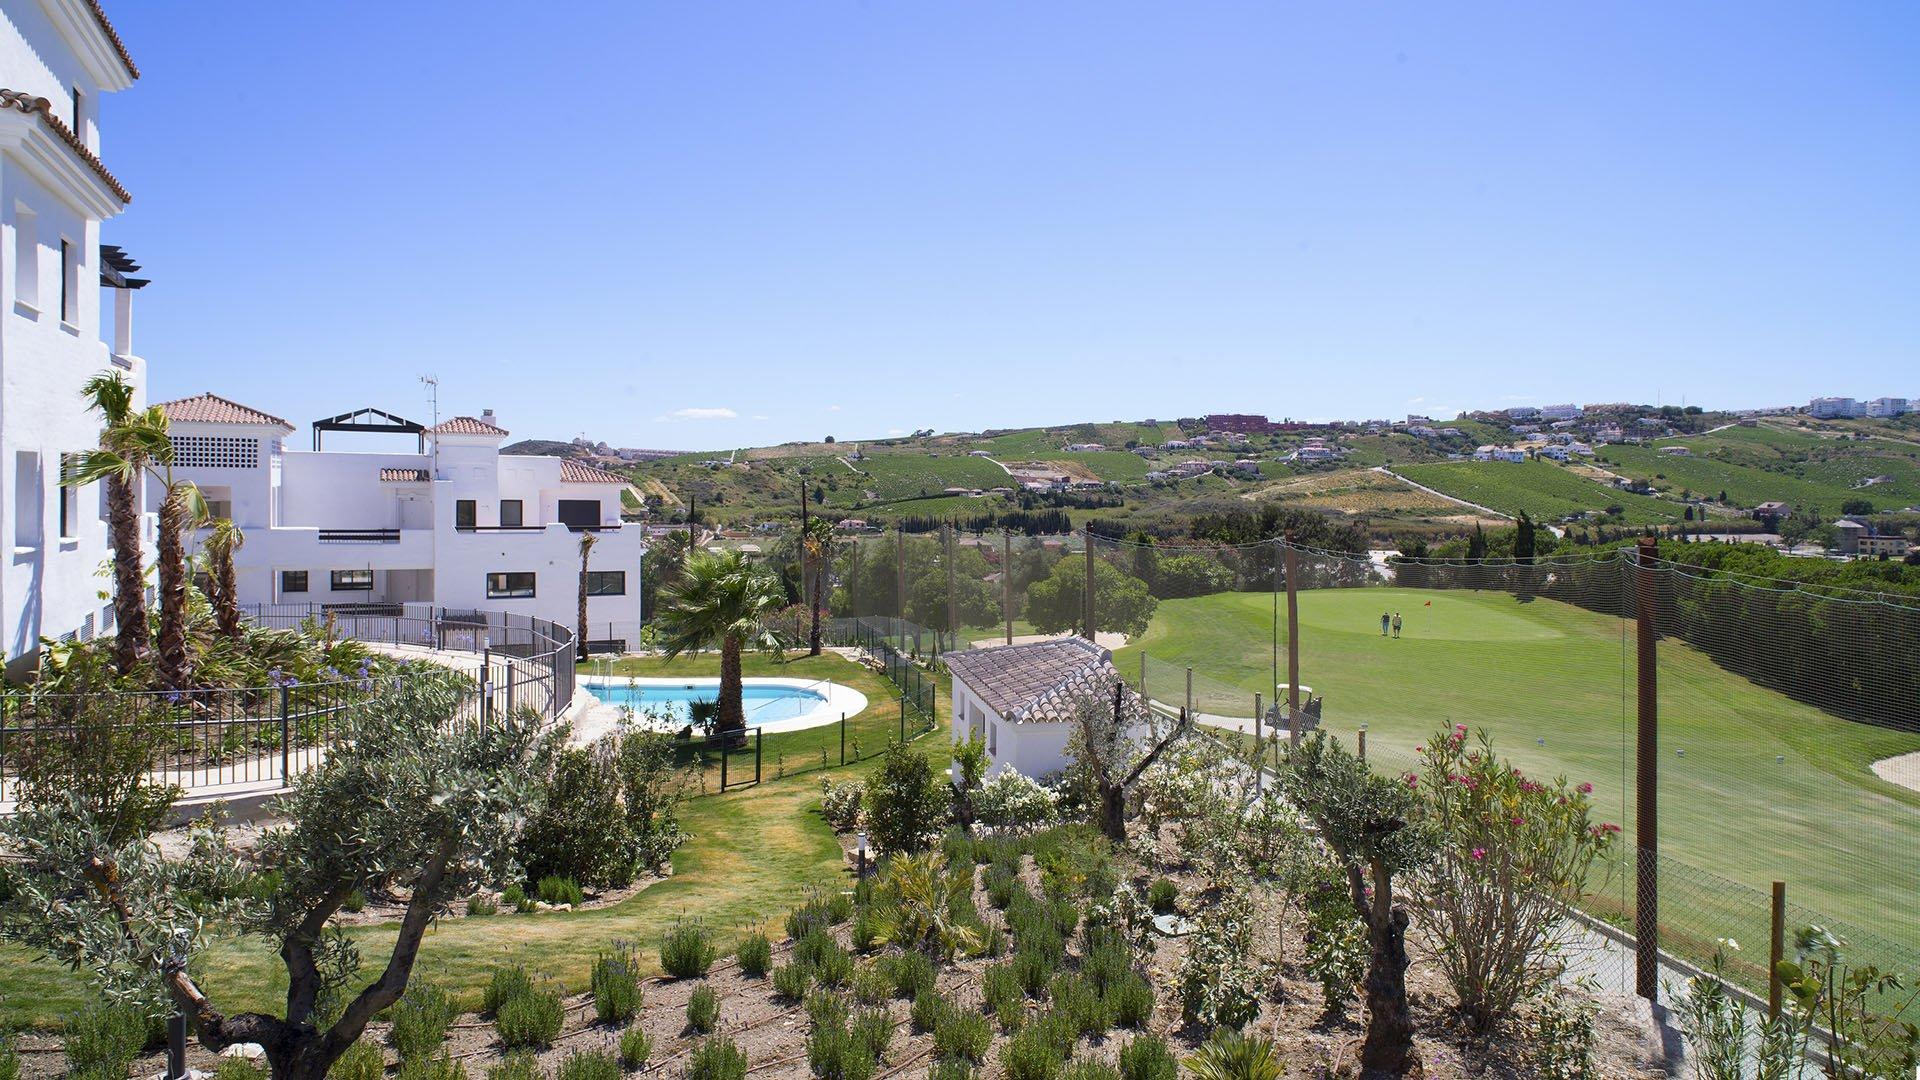 Lotus Doña Julia Casares: Moderne appartementen met zicht op zee en golf